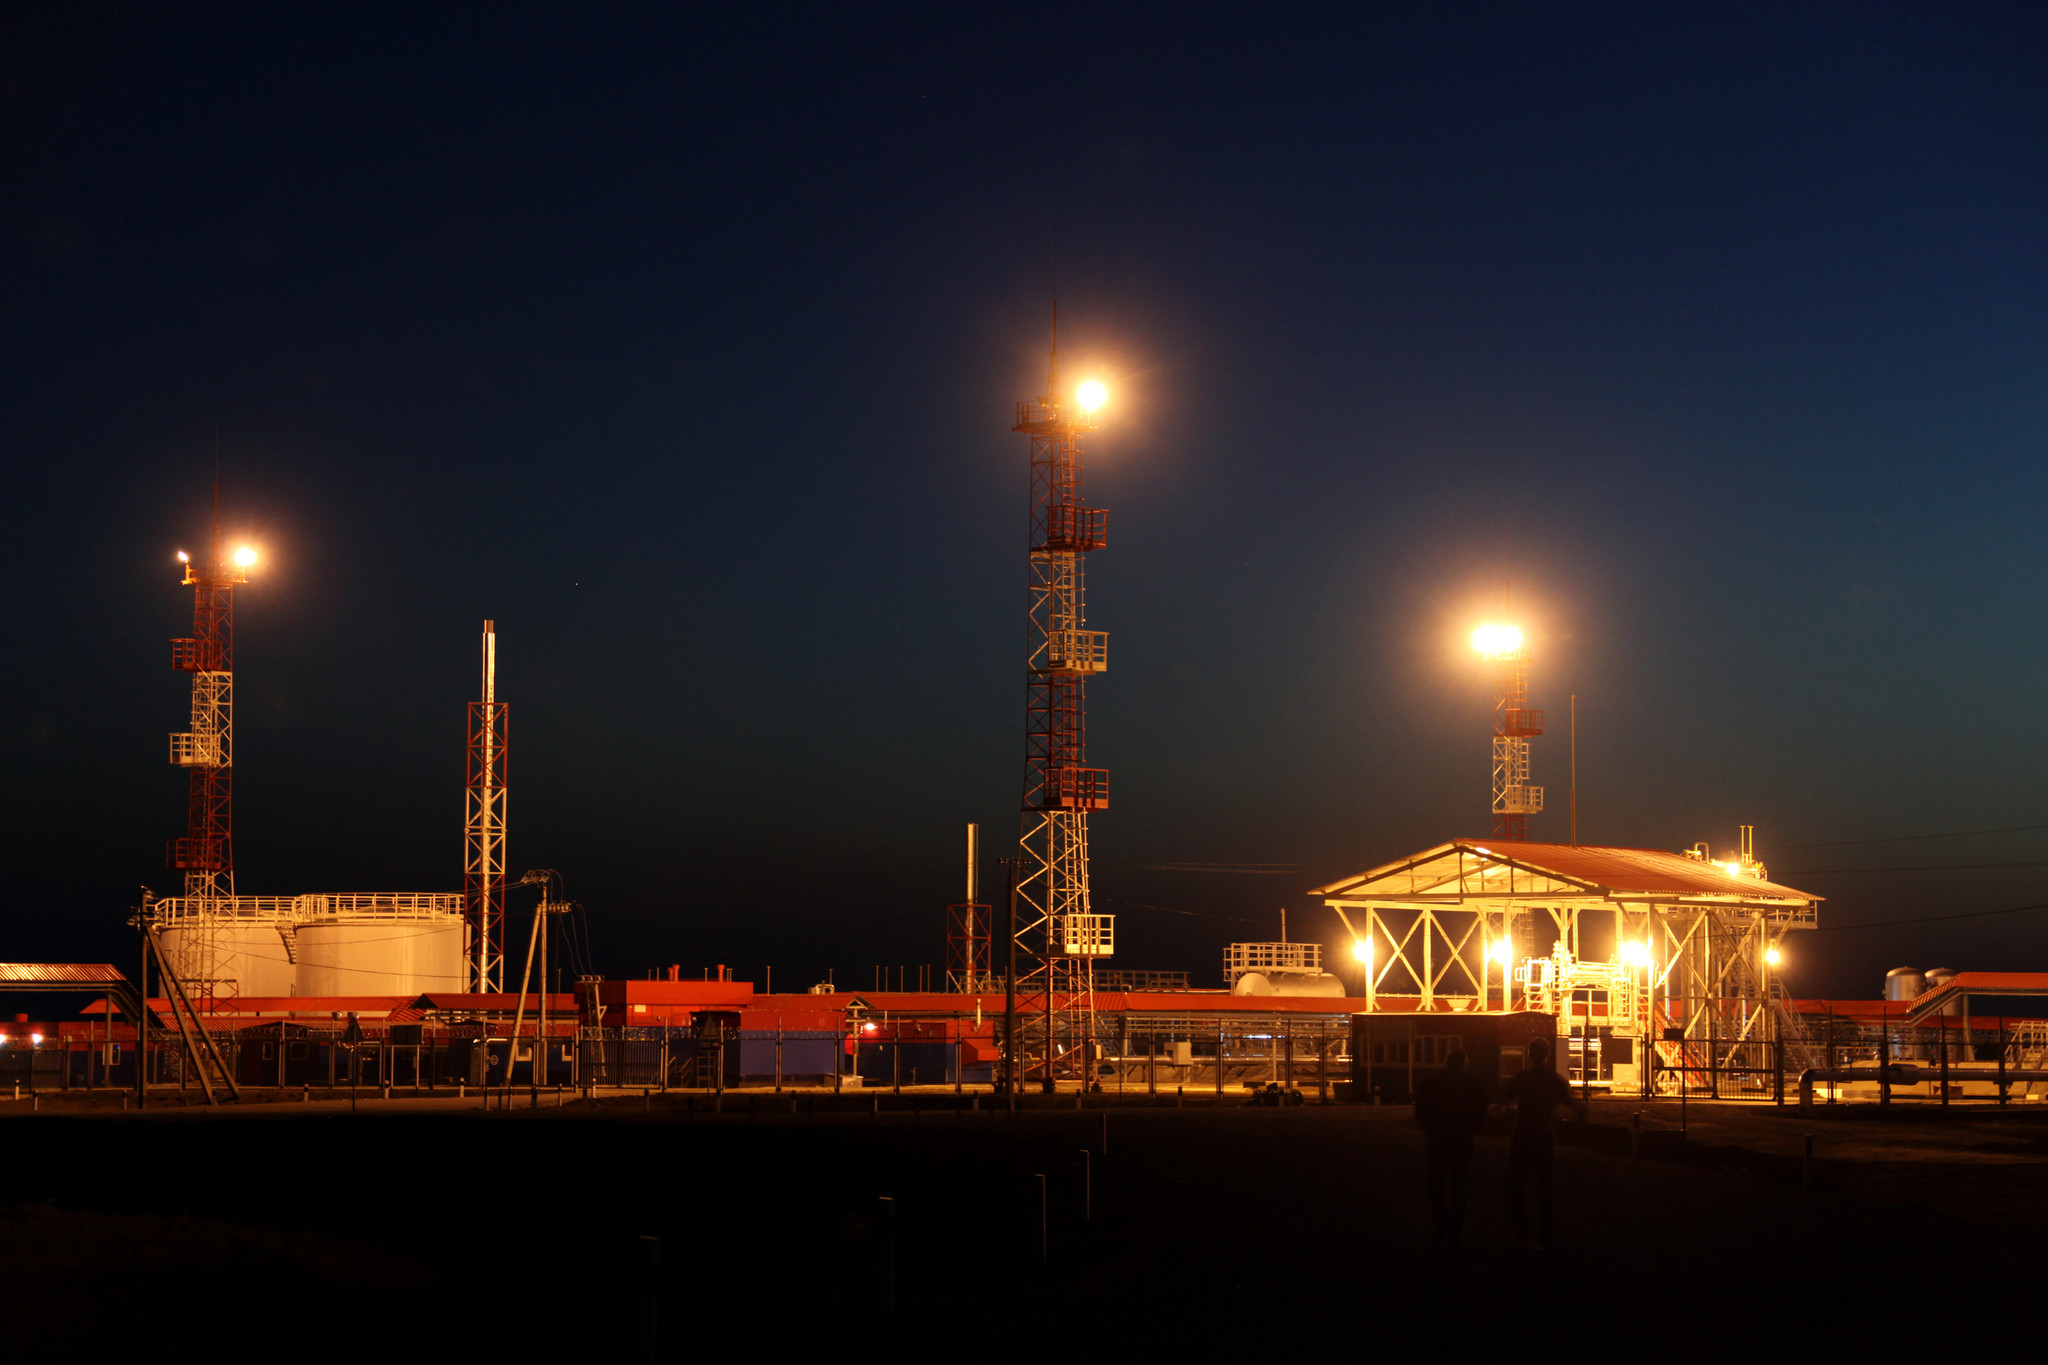 В Саратовской области открыто Ново-Коптевское газоконденсатное месторождение